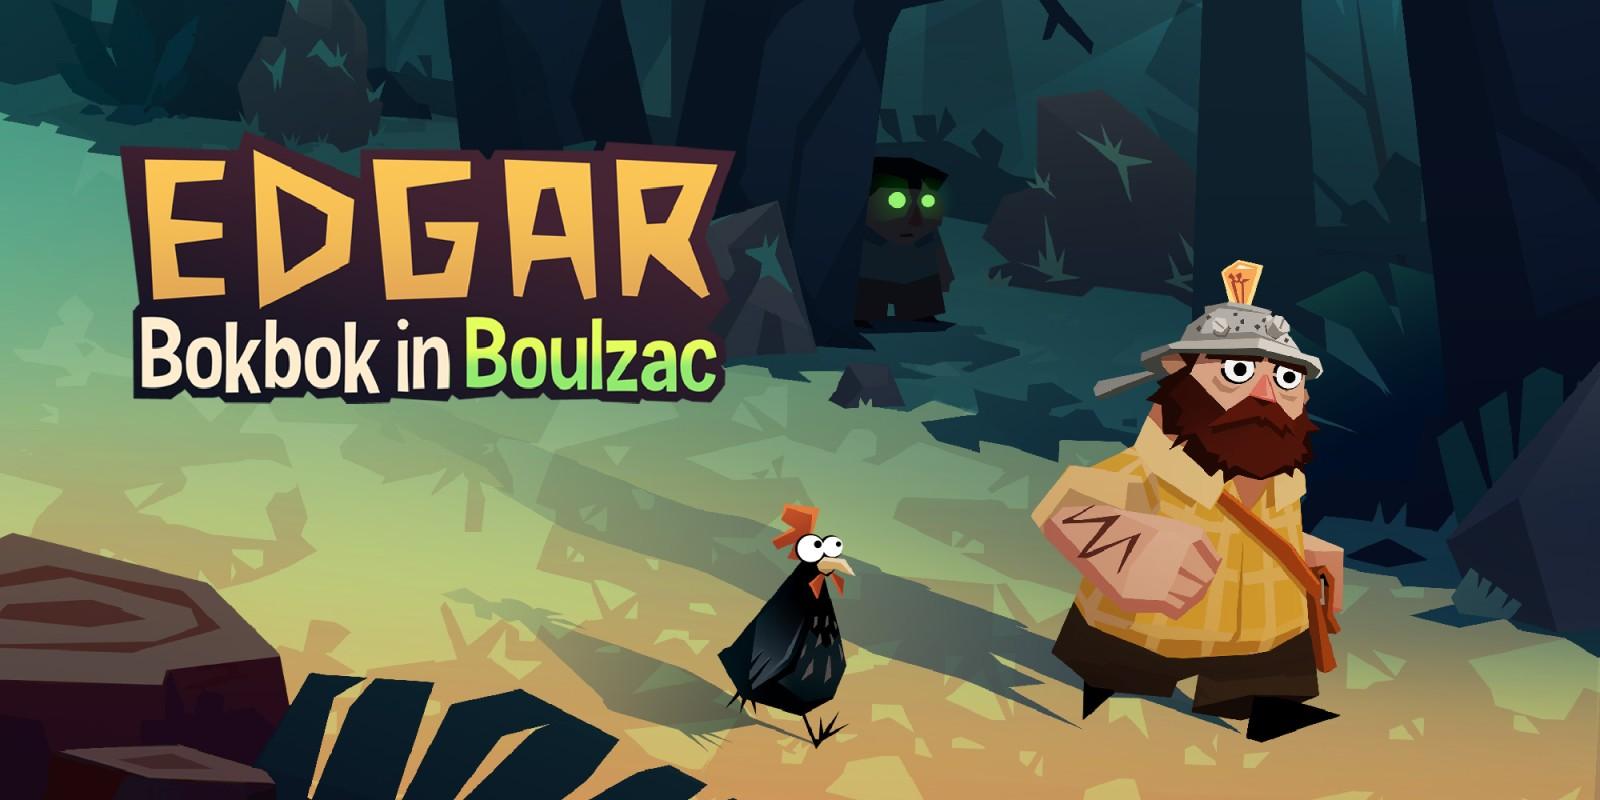 Banière de Edgar — Bokbok à Boulzac.